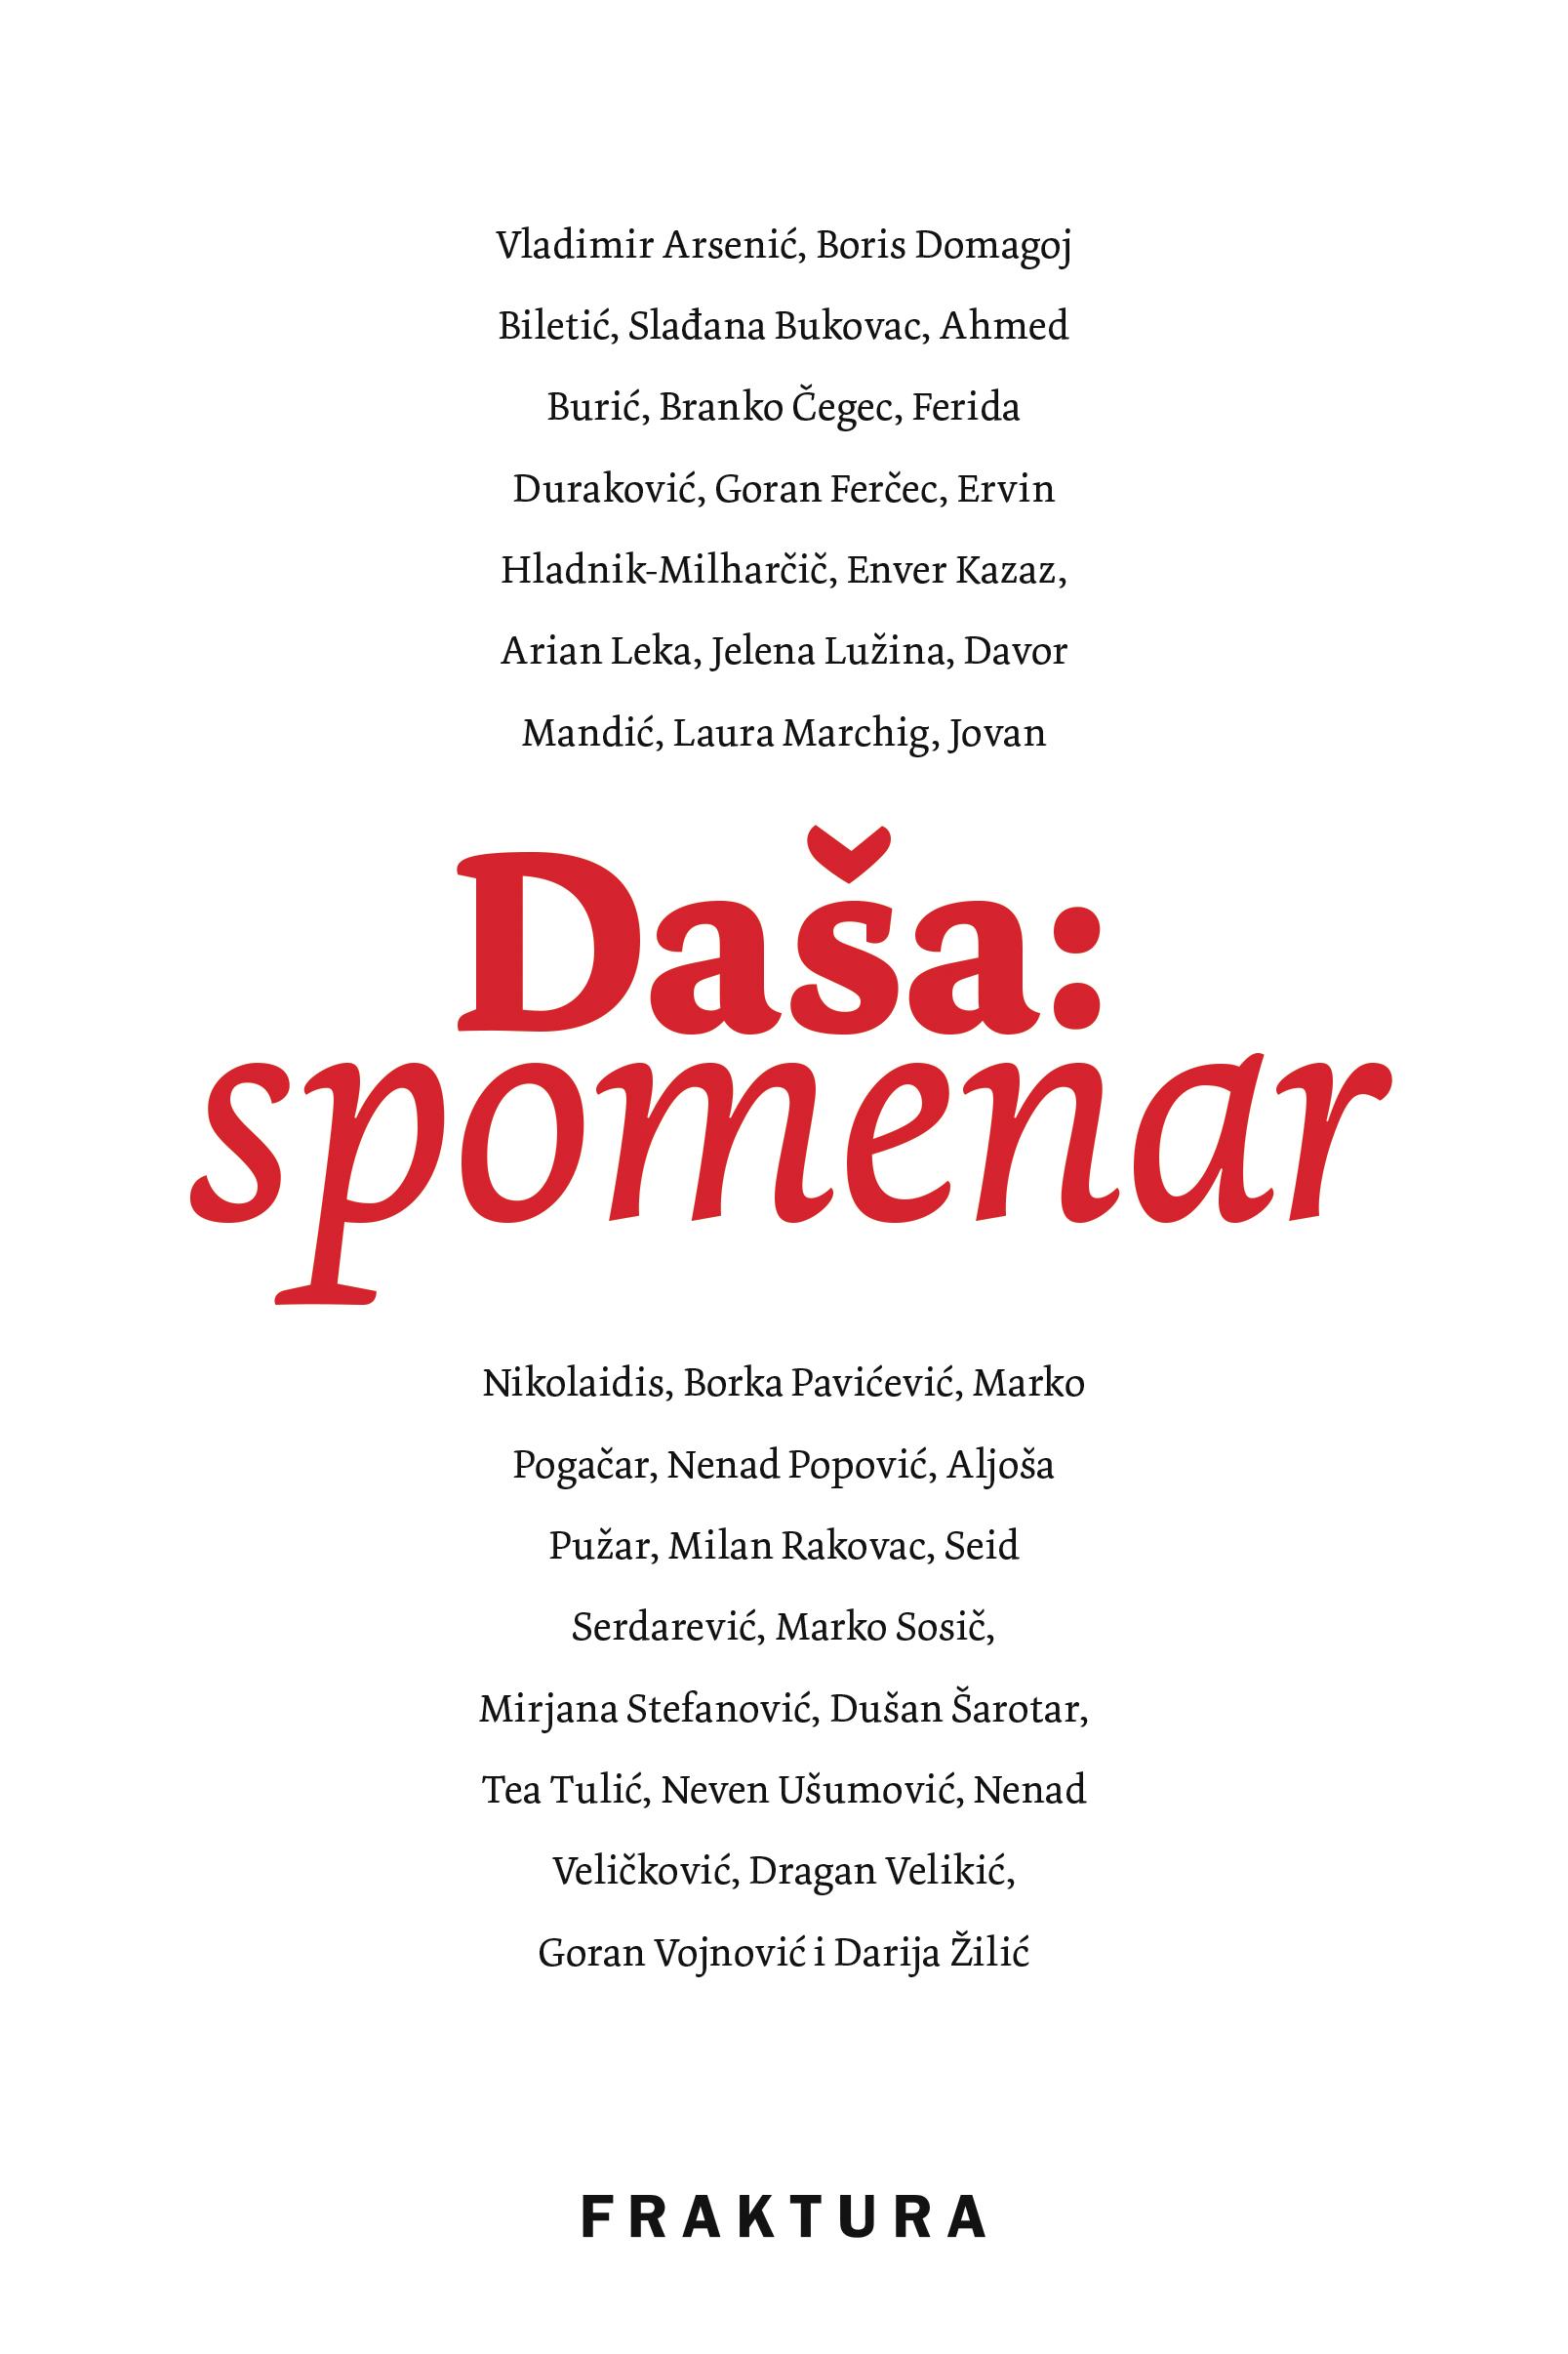 """Predstavljanje knjige """"Daša: spomenar"""" u Beogradu"""